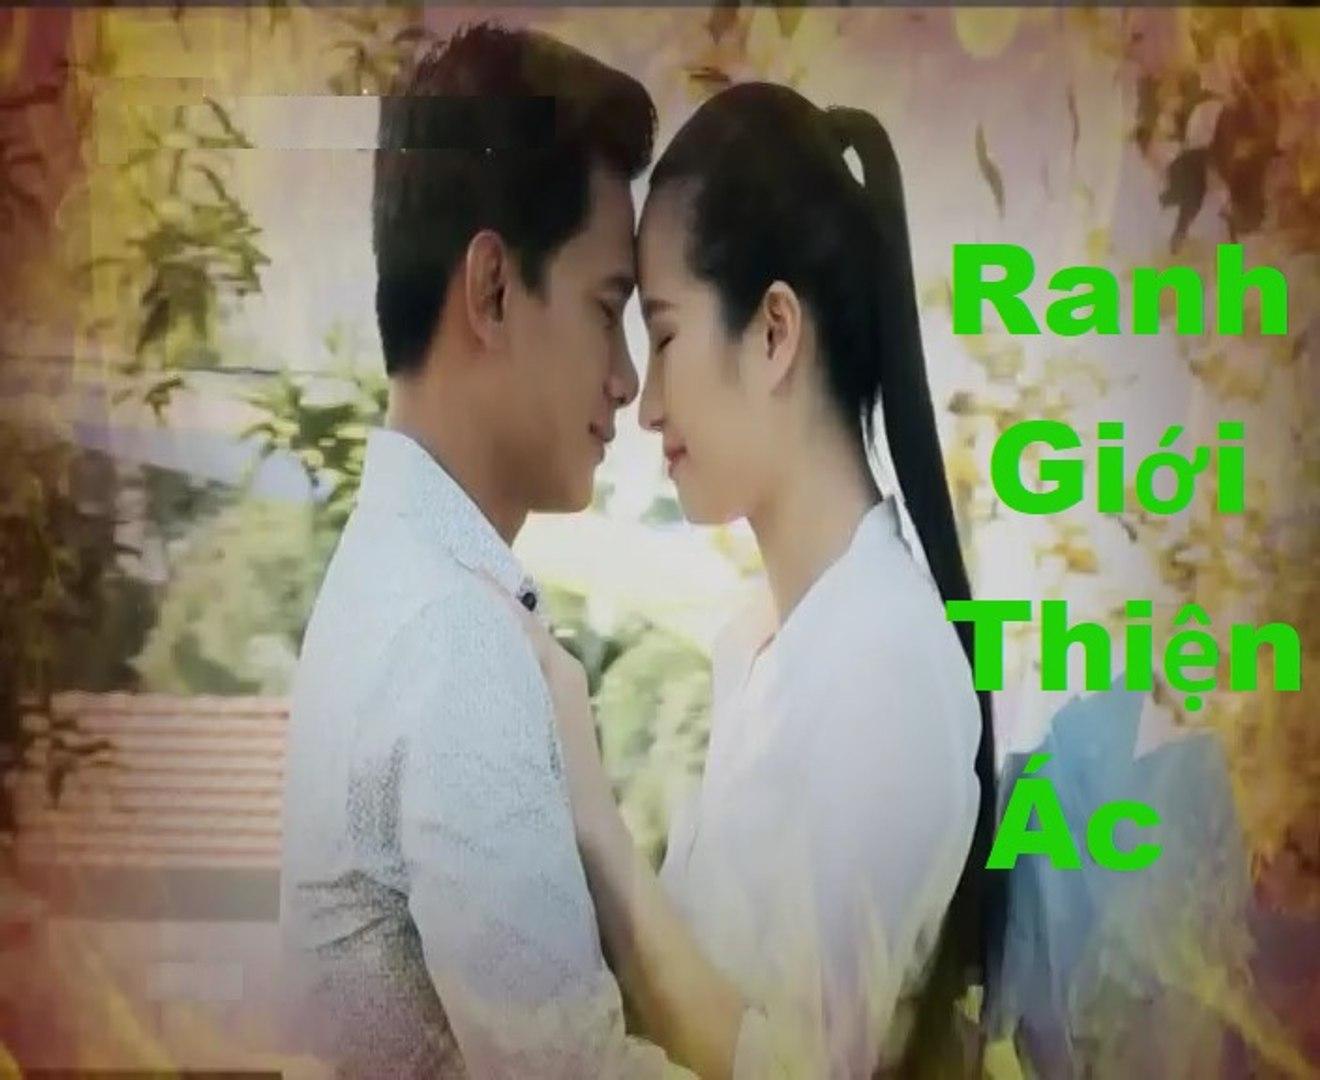 Phim truyện Ranh Giới Thiện Ác Tập 35 - Phim Hình Sự - Phim Việt Nam( VTV)